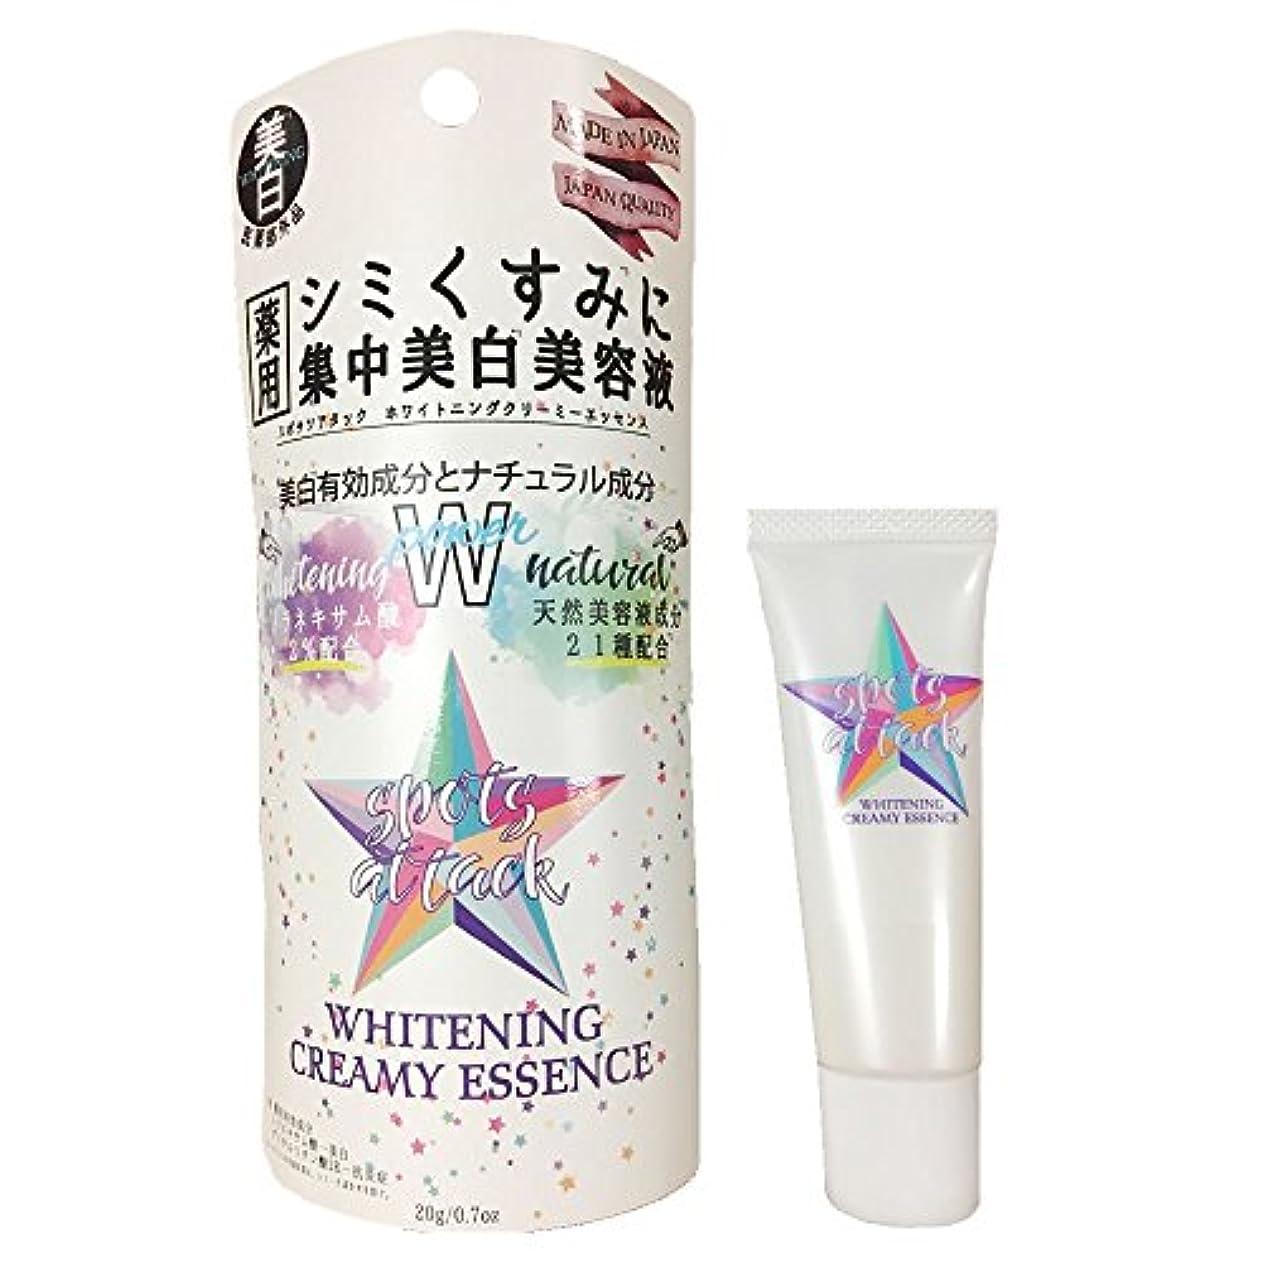 超高層ビルクライアントガイダンス美白美容液 スポッツアタック ホワイトニングクリーミーエッセンス 20g